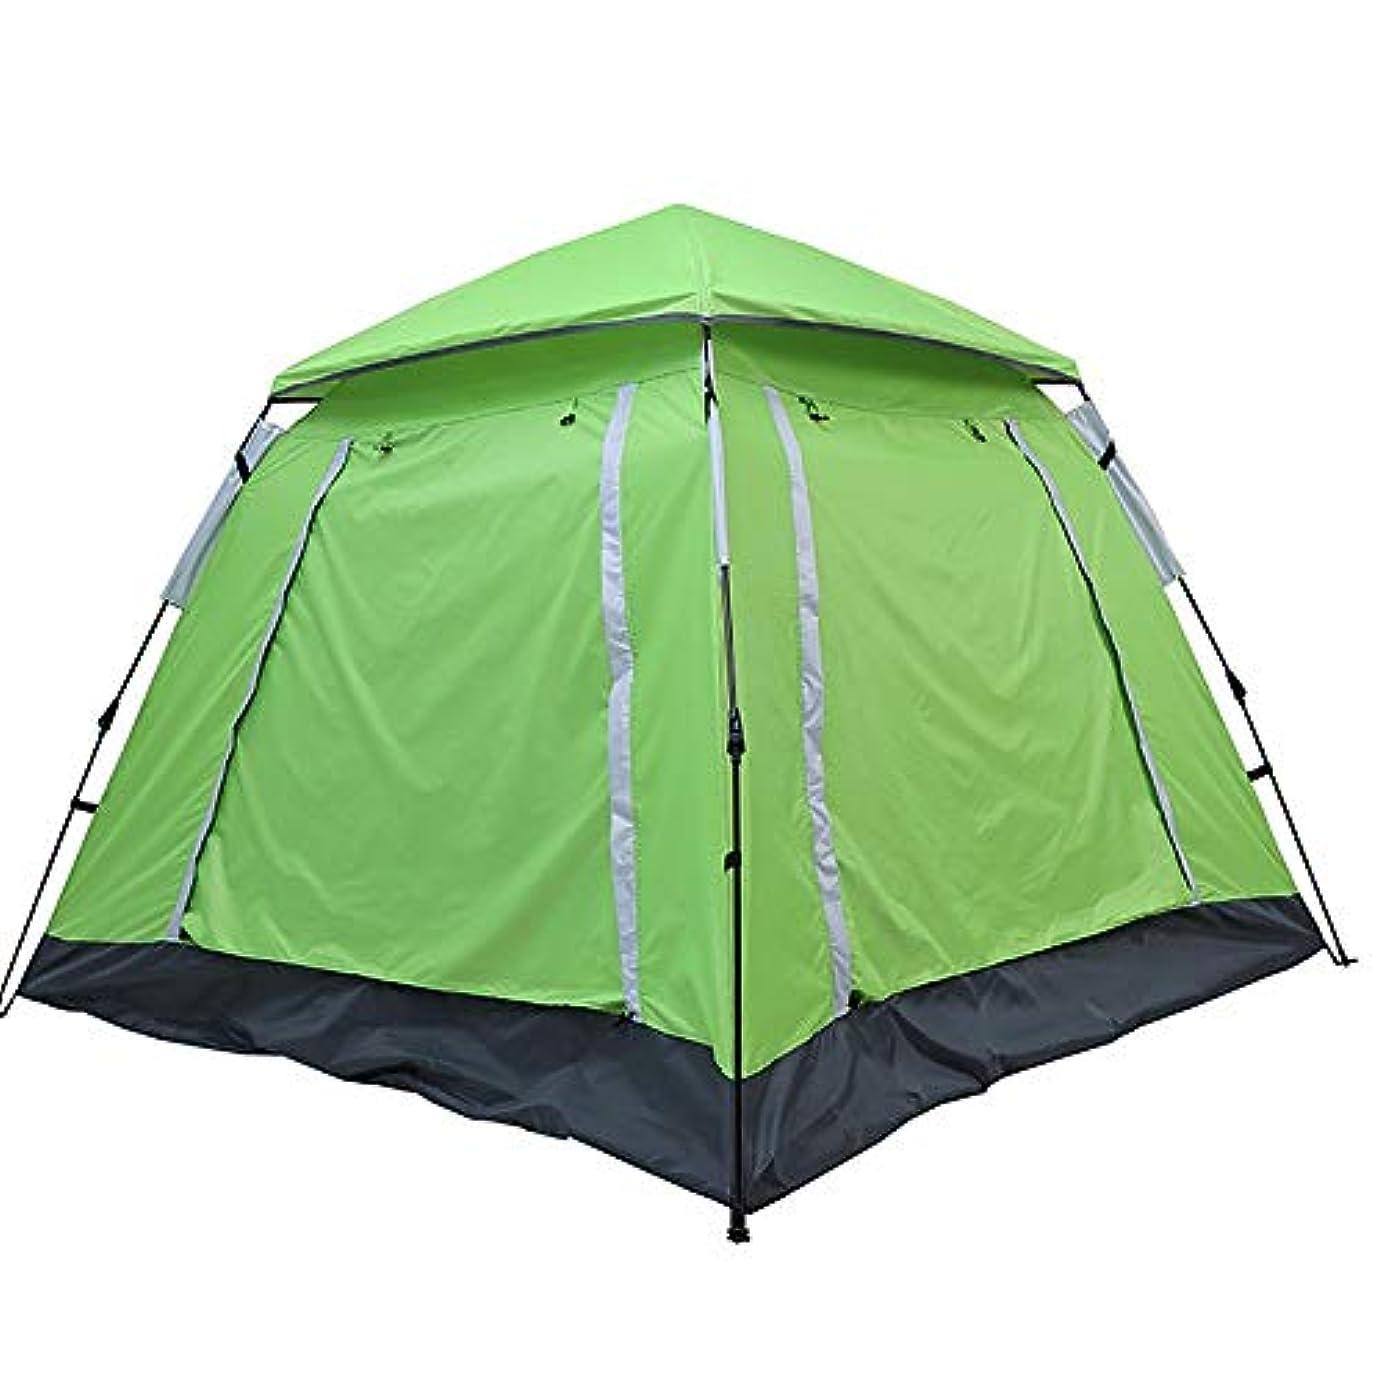 フルーツオープニング辞任キャンプするための自動防水テント4-5人のおおいをセットアップすること容易なドームのテントのおおい (Color : Green)